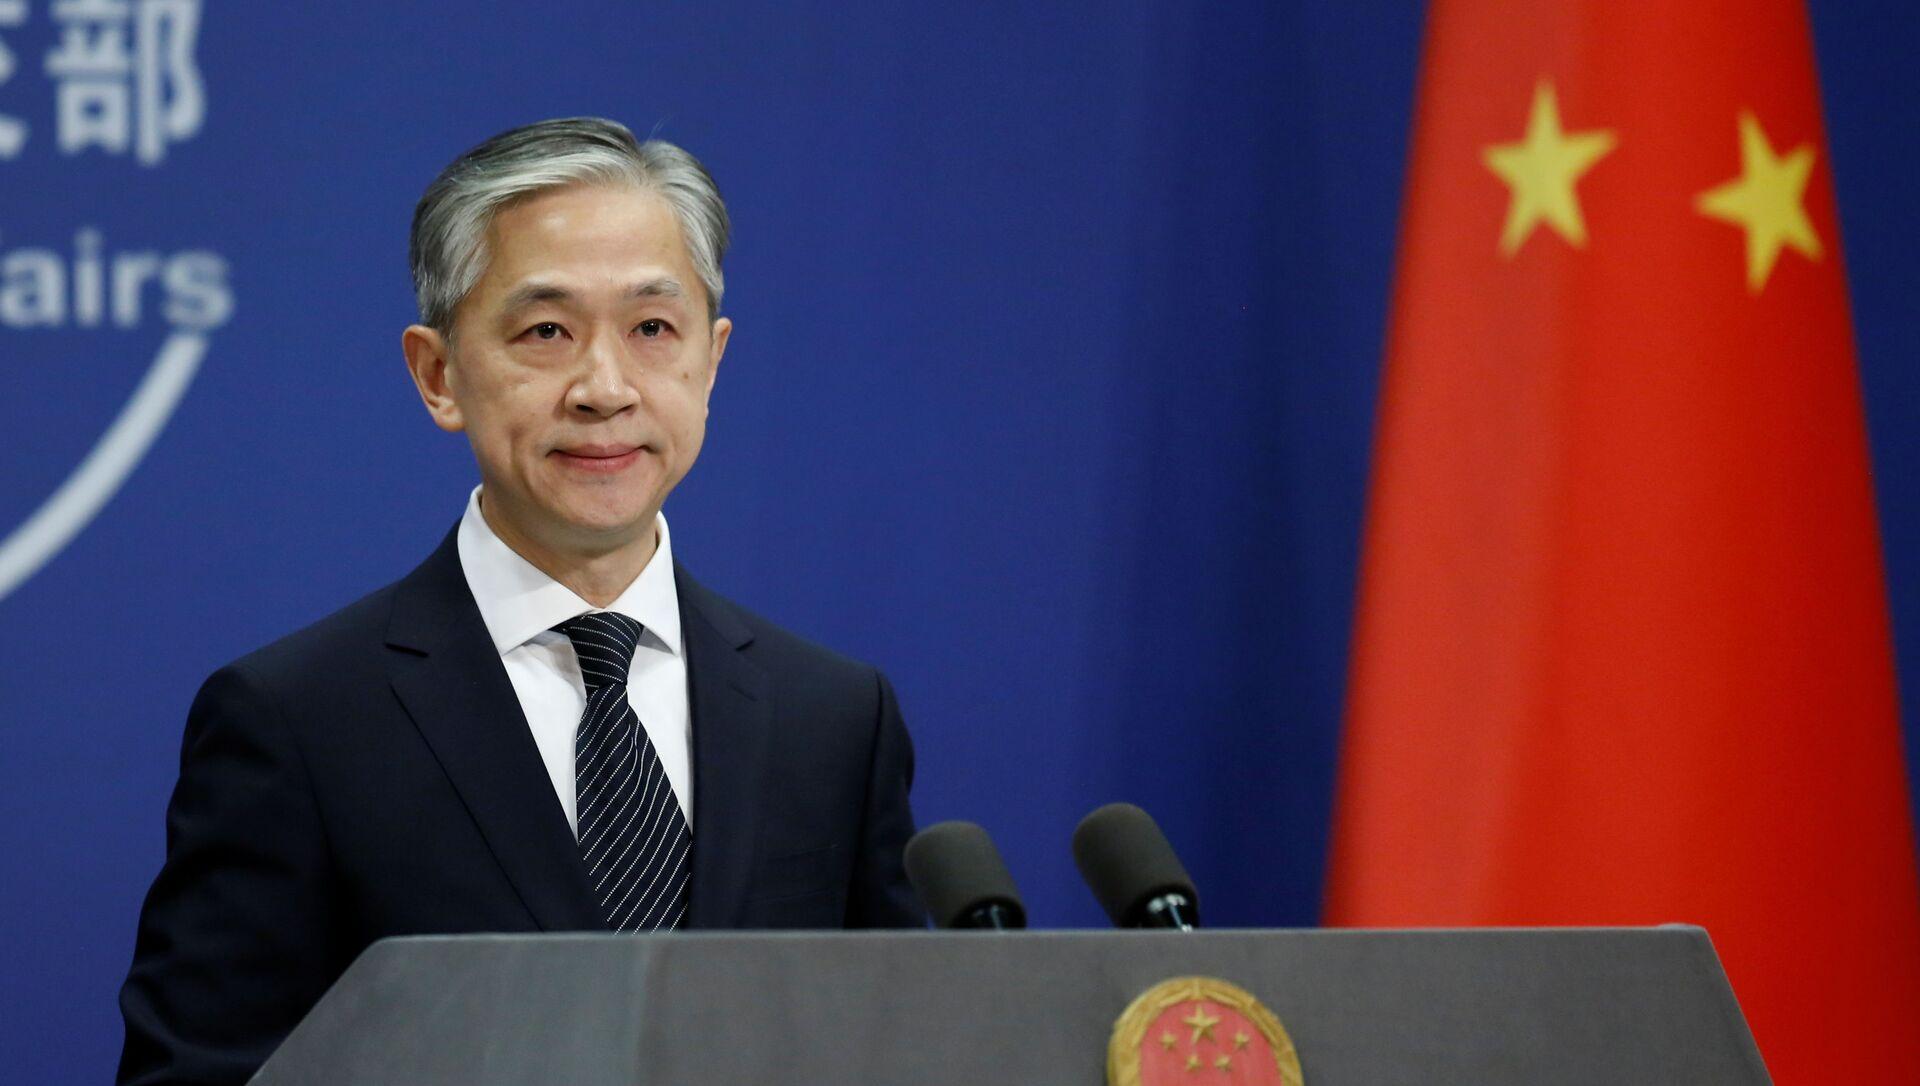 Người phát ngôn Bộ Ngoại giao Trung Quốc Wang Wenbin ngày 9 tháng 11 năm 2020 - Sputnik Việt Nam, 1920, 04.05.2021